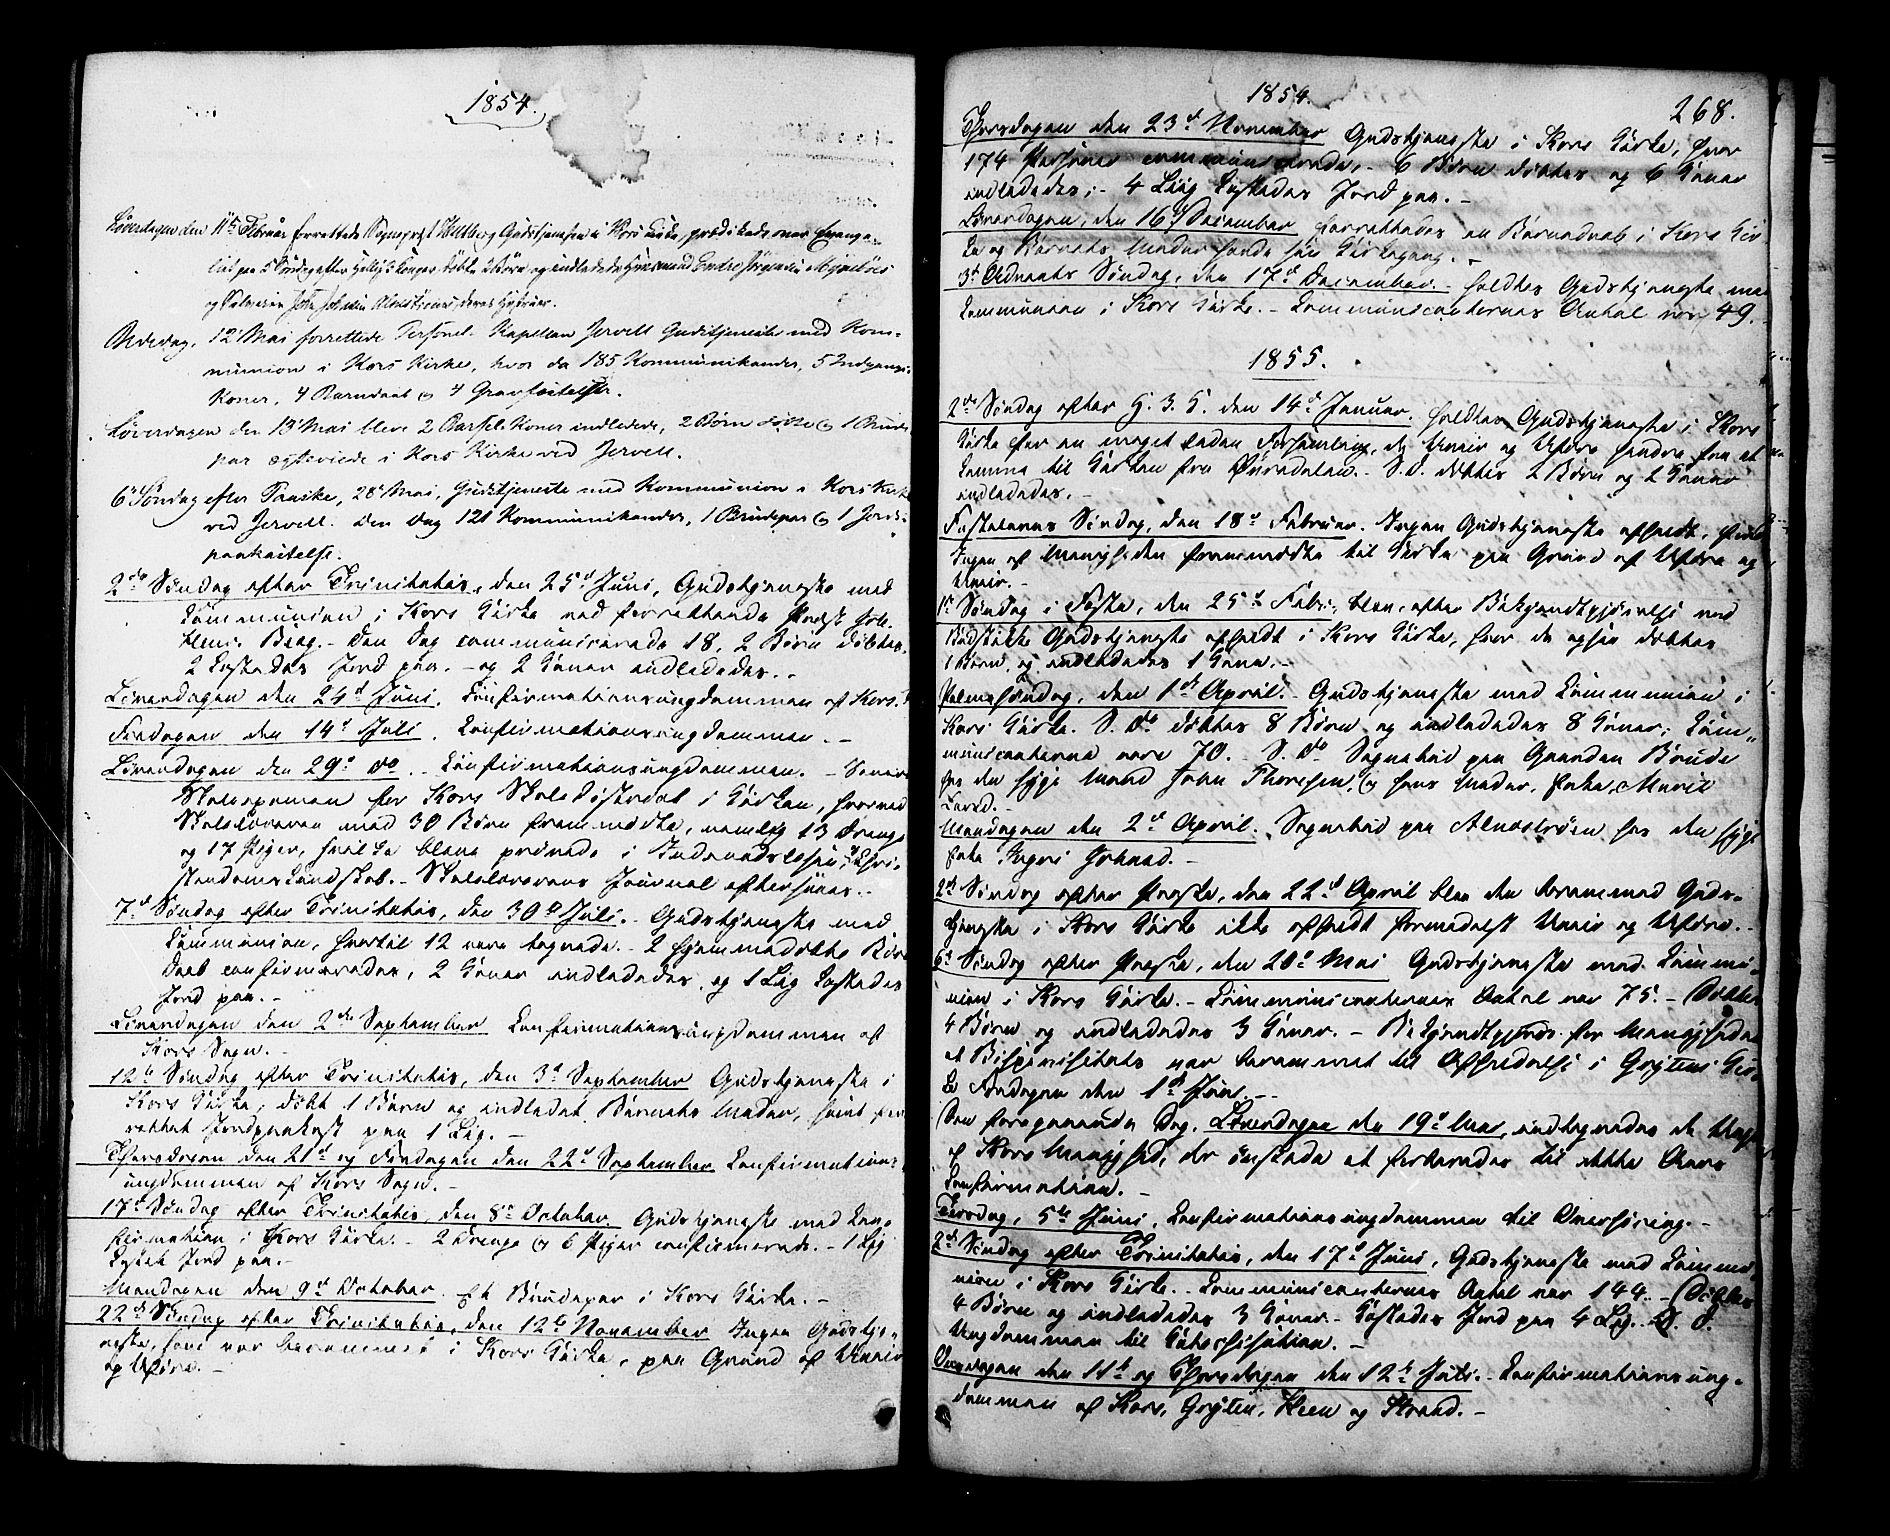 SAT, Ministerialprotokoller, klokkerbøker og fødselsregistre - Møre og Romsdal, 546/L0594: Ministerialbok nr. 546A02, 1854-1882, s. 268